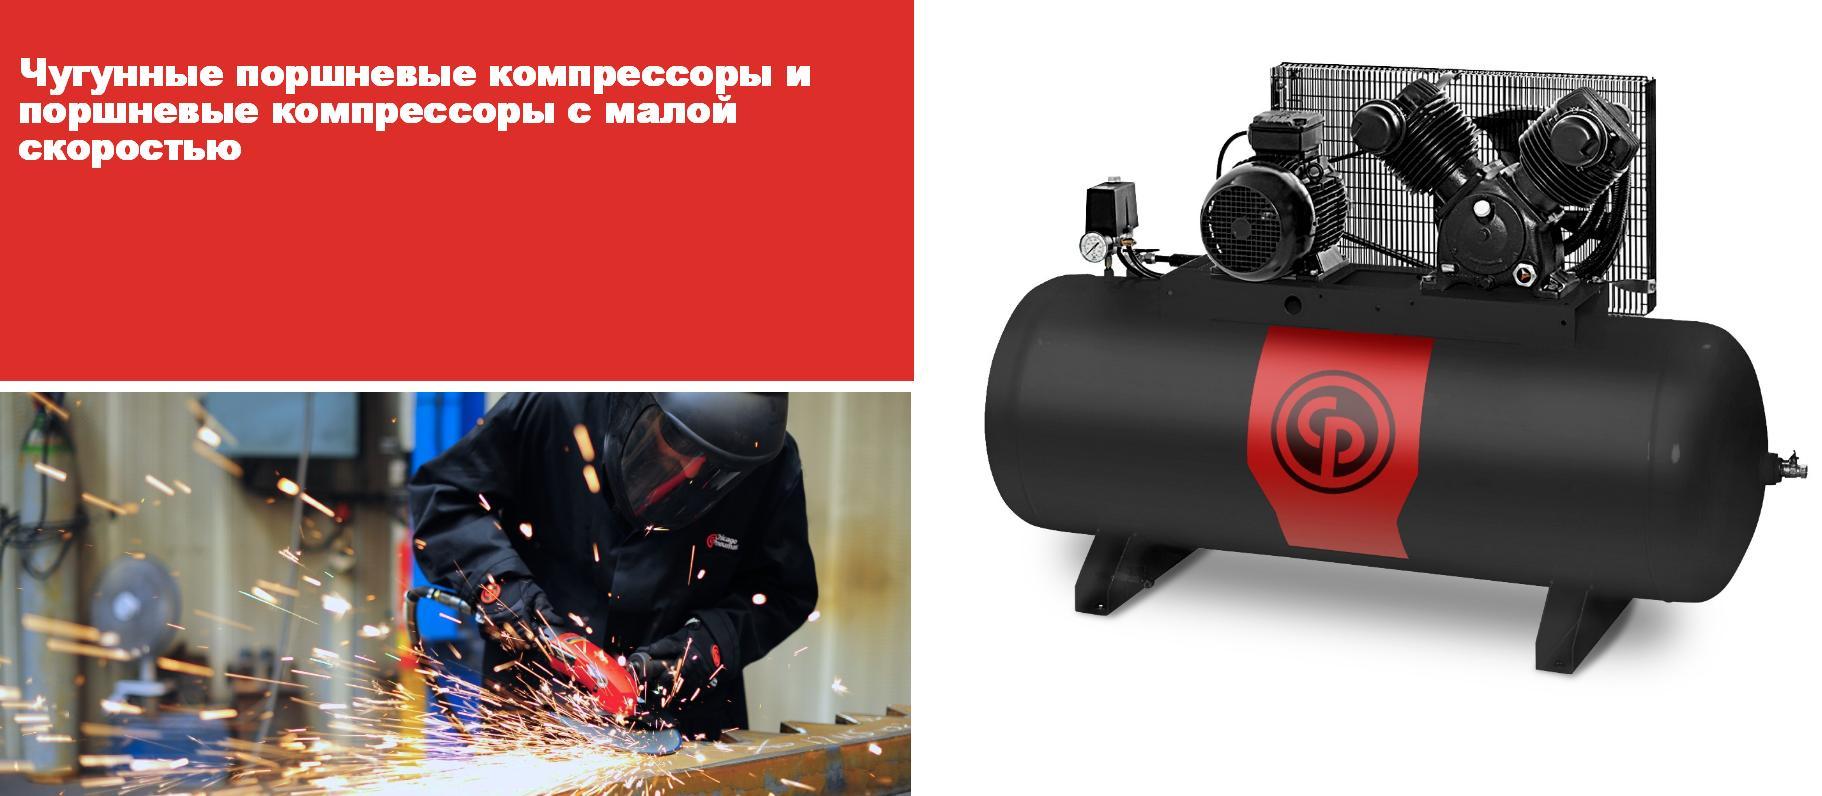 чугунные-поршневые-компрессоры-CP